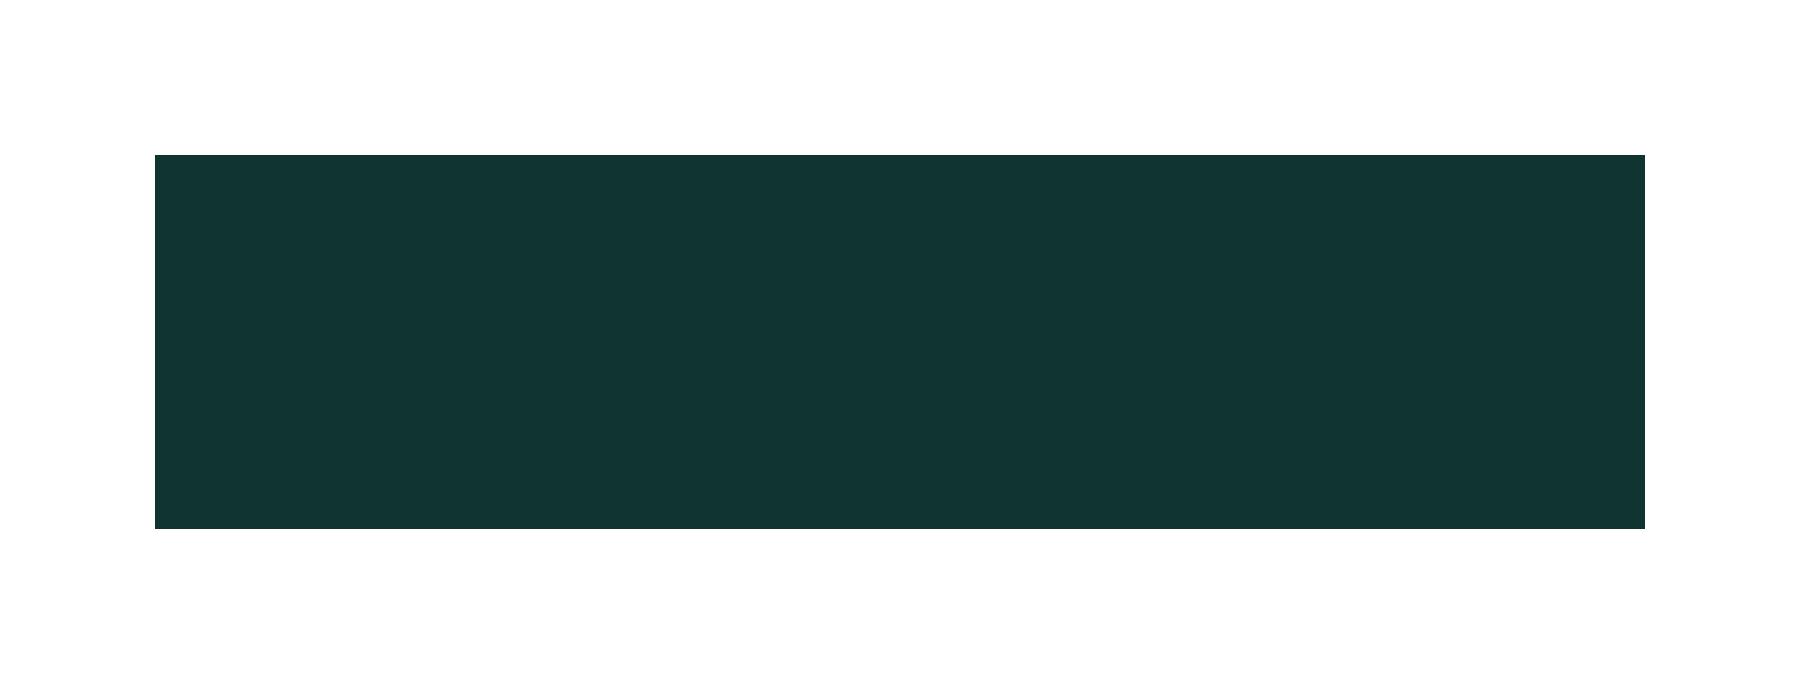 martha stewart weddings logo green.png